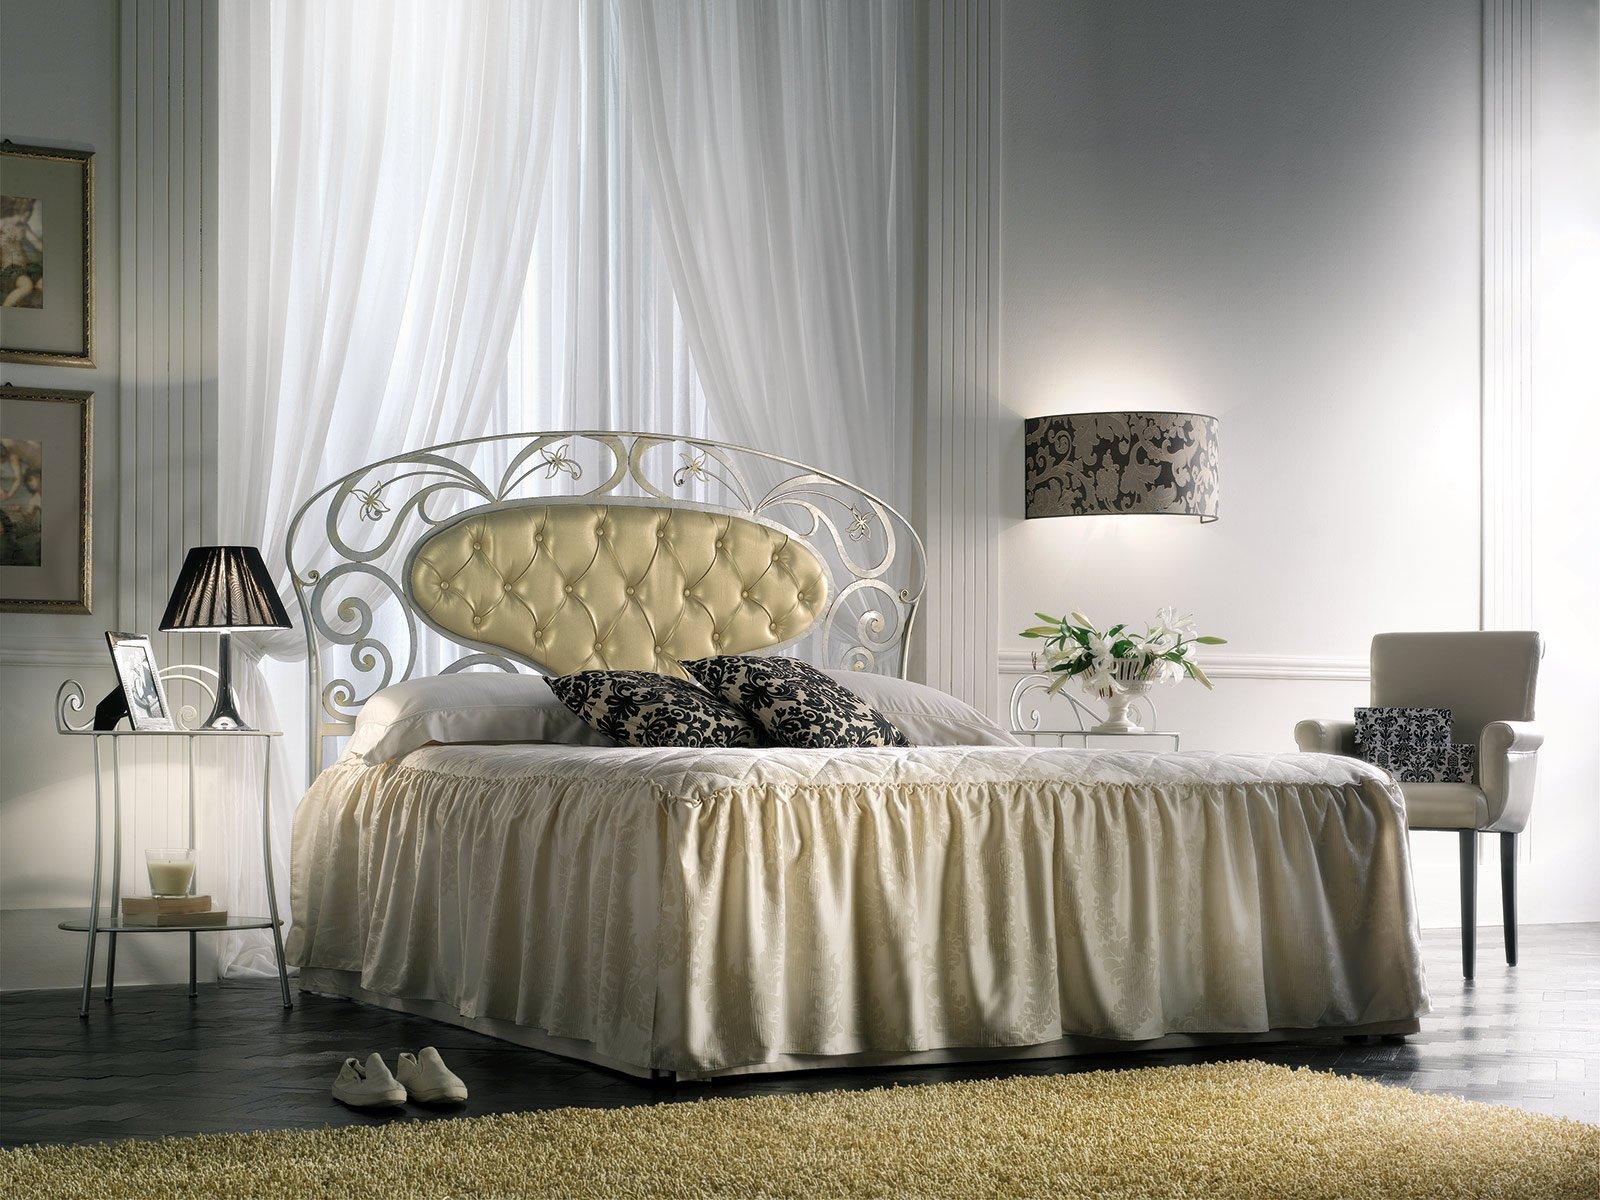 Testata del letto in francese : testiera del letto in francese ...